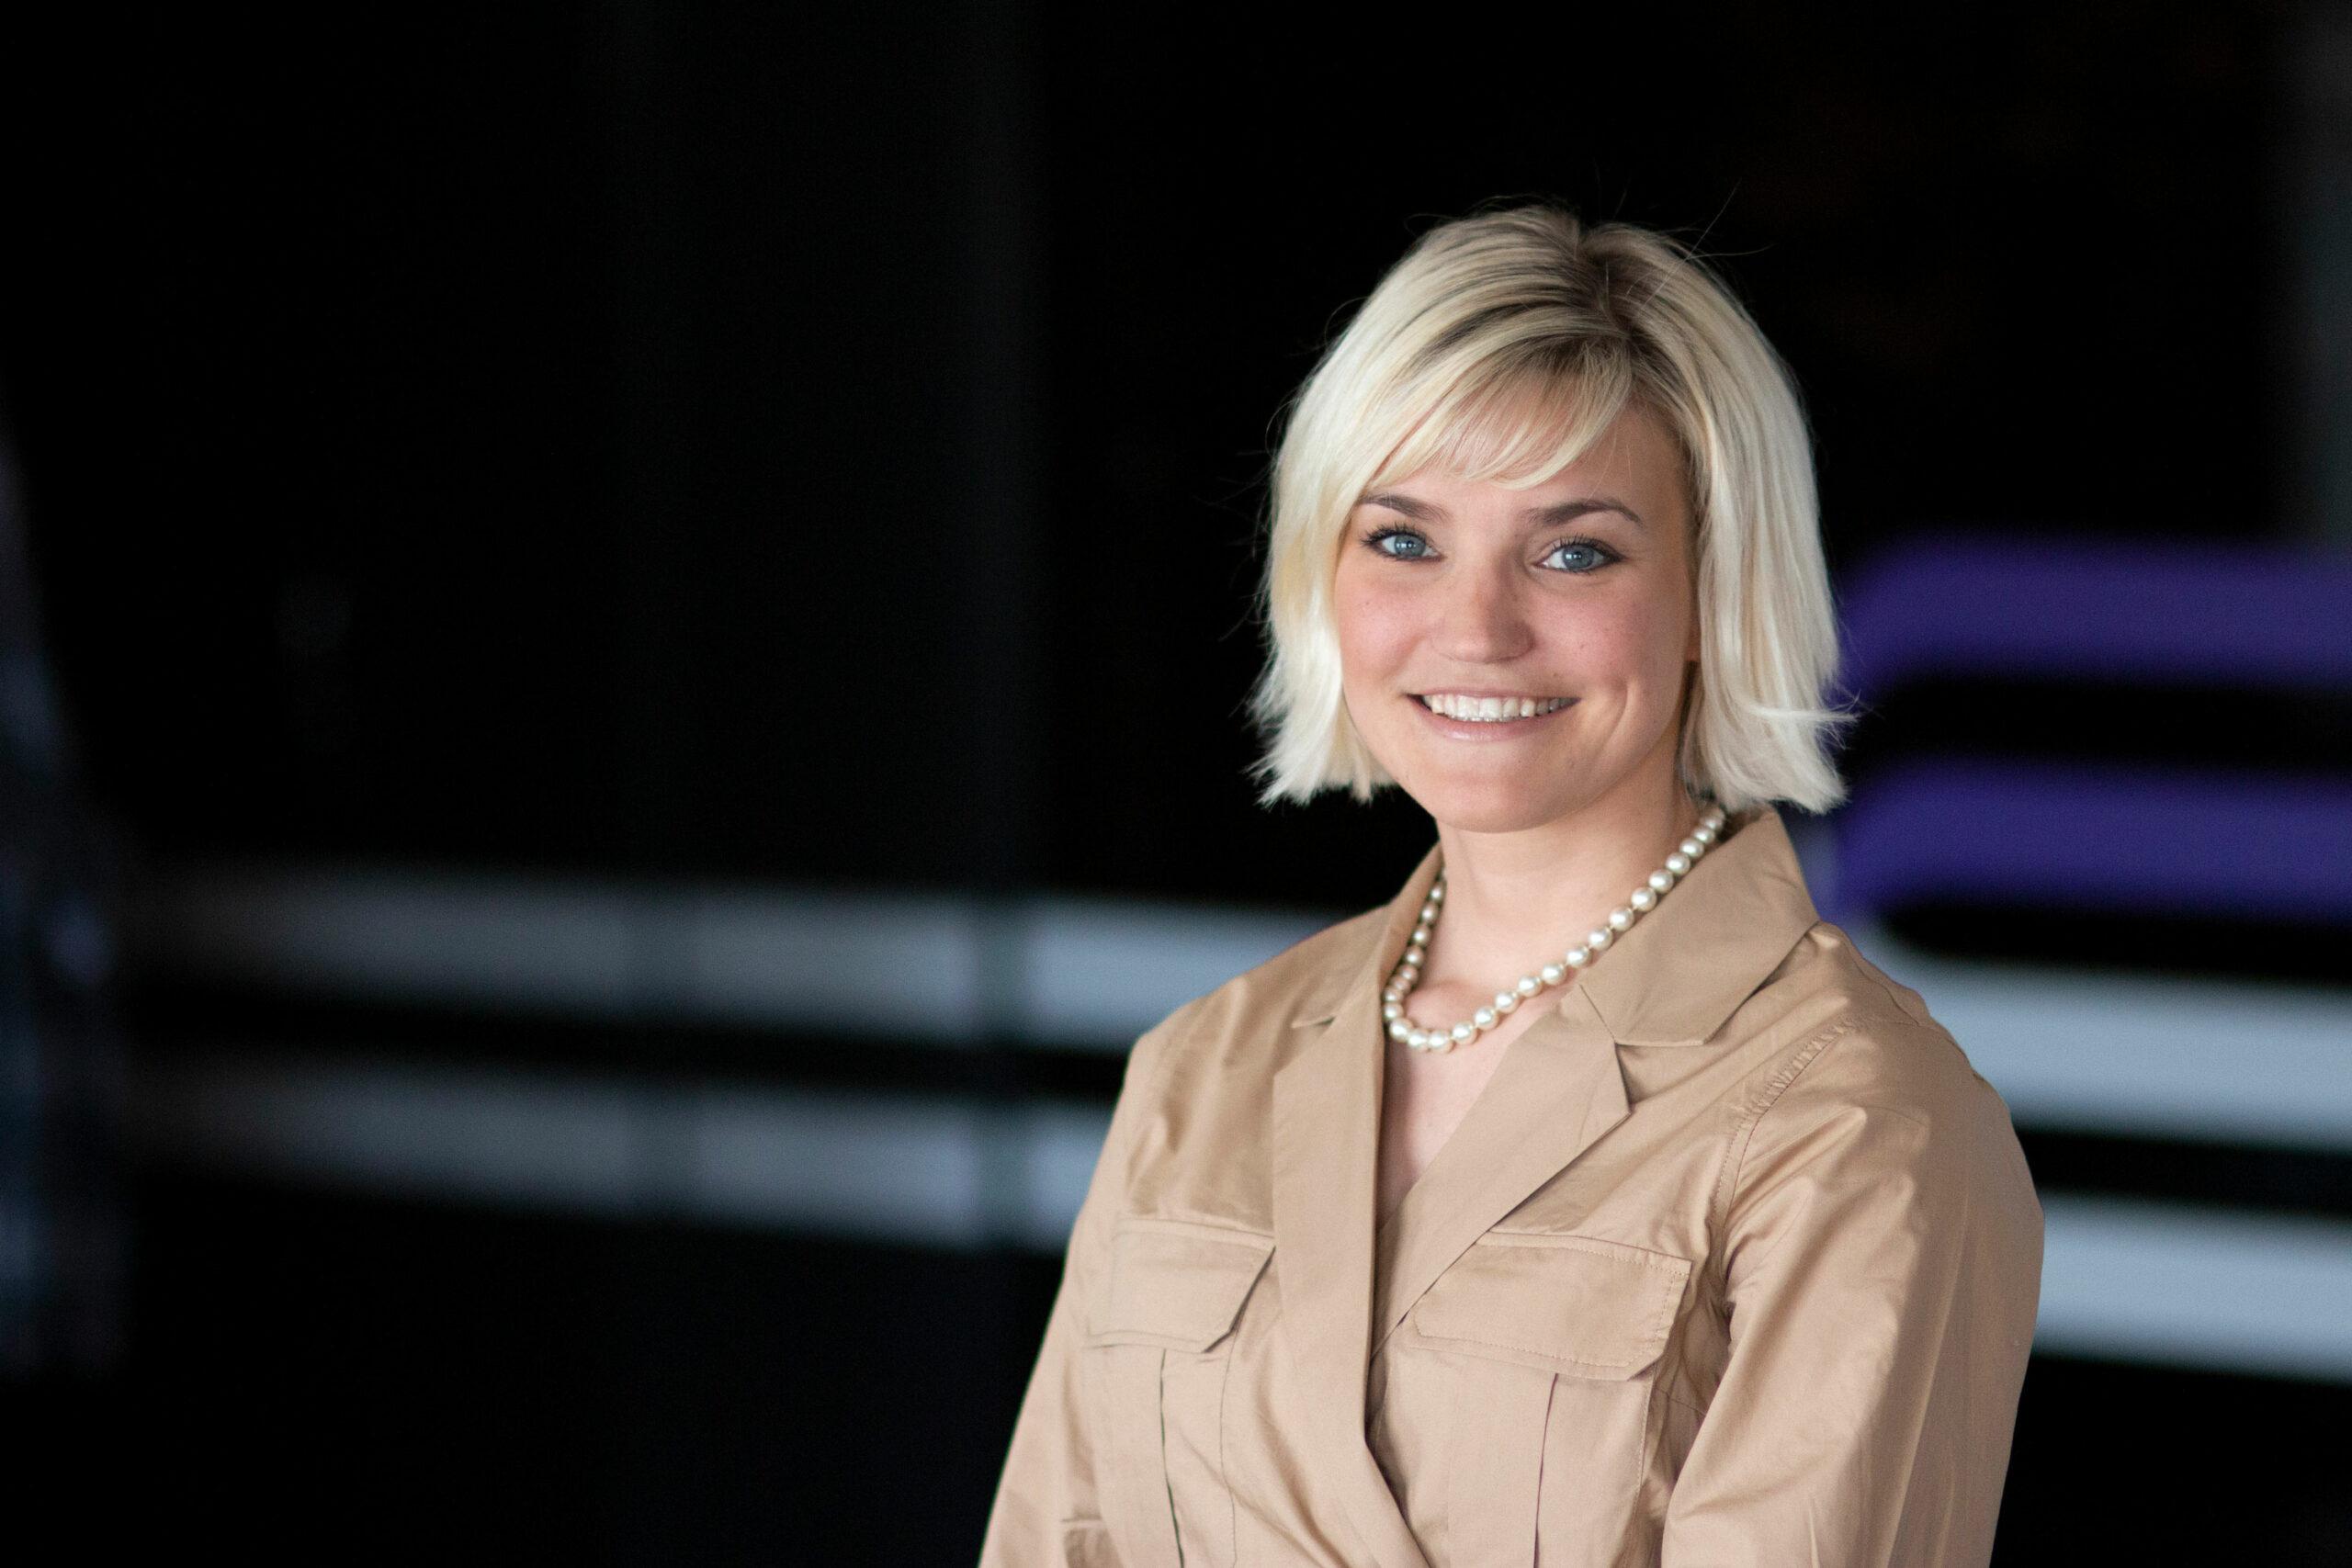 UpCloud's Head of People Operations Sonja Semmelmayr